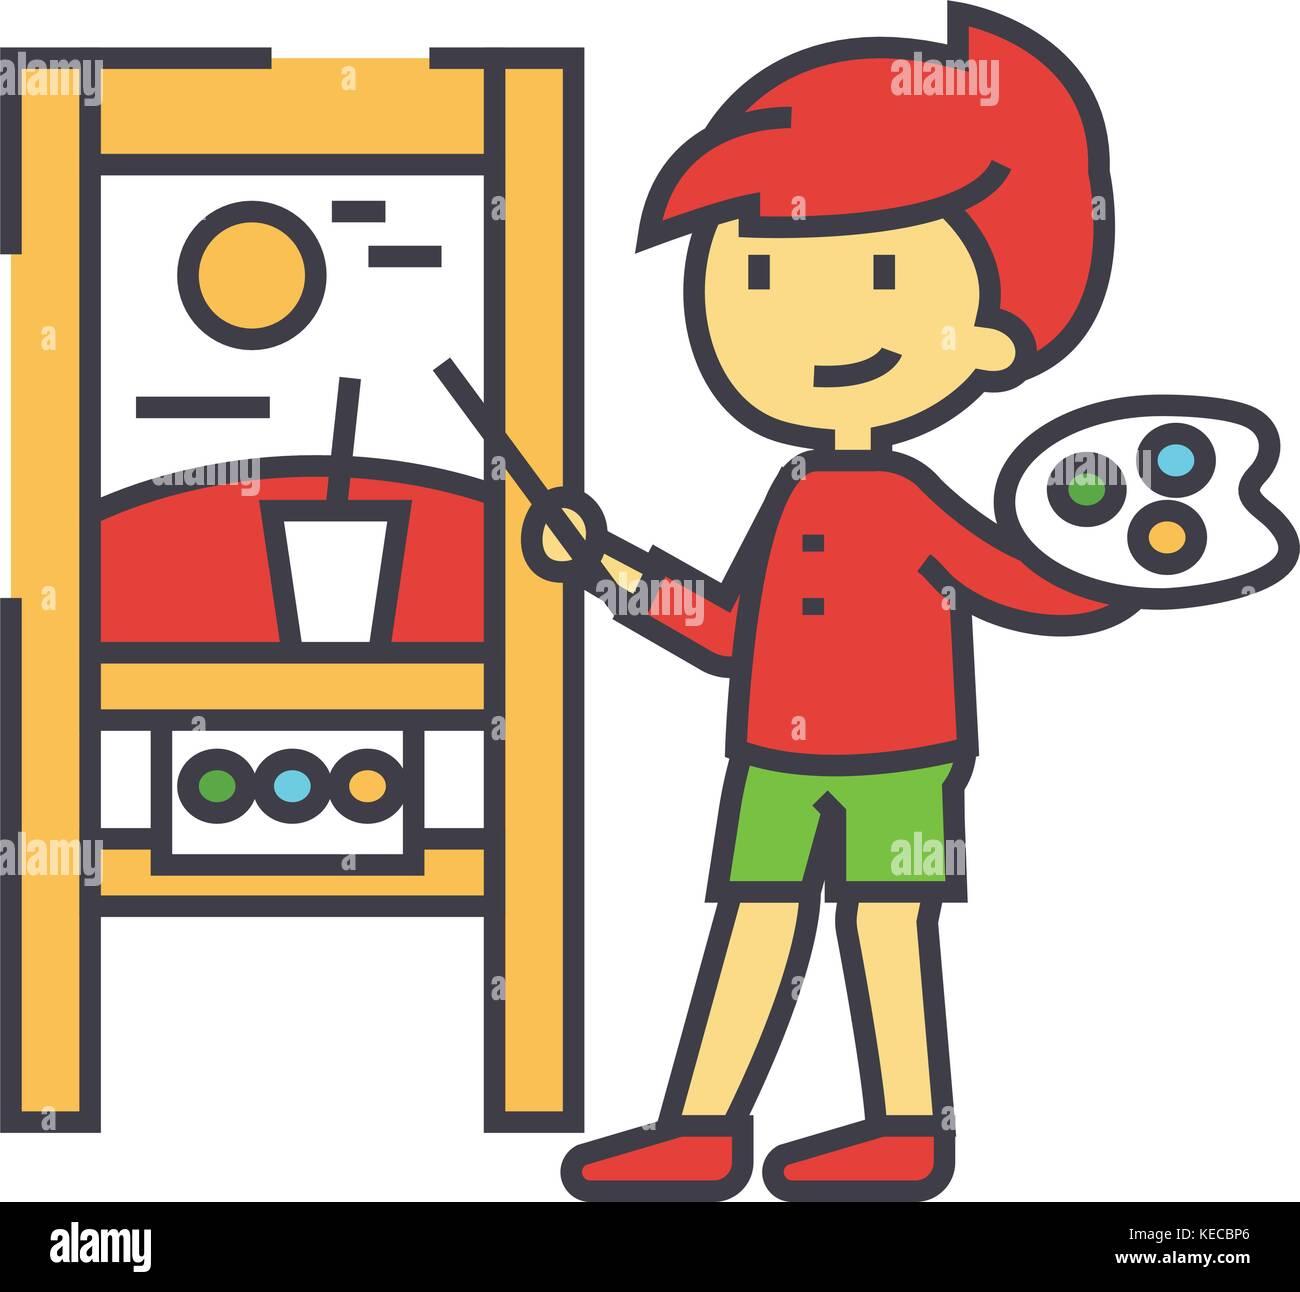 Peinture Pour Enfants Photo Sur Une Toile L Art De Peinture Concept Lecon Icone Vecteur Ligne Modifiable Avc Television Illustration Lineaire Isole Sur Fond Blanc Image Vectorielle Stock Alamy